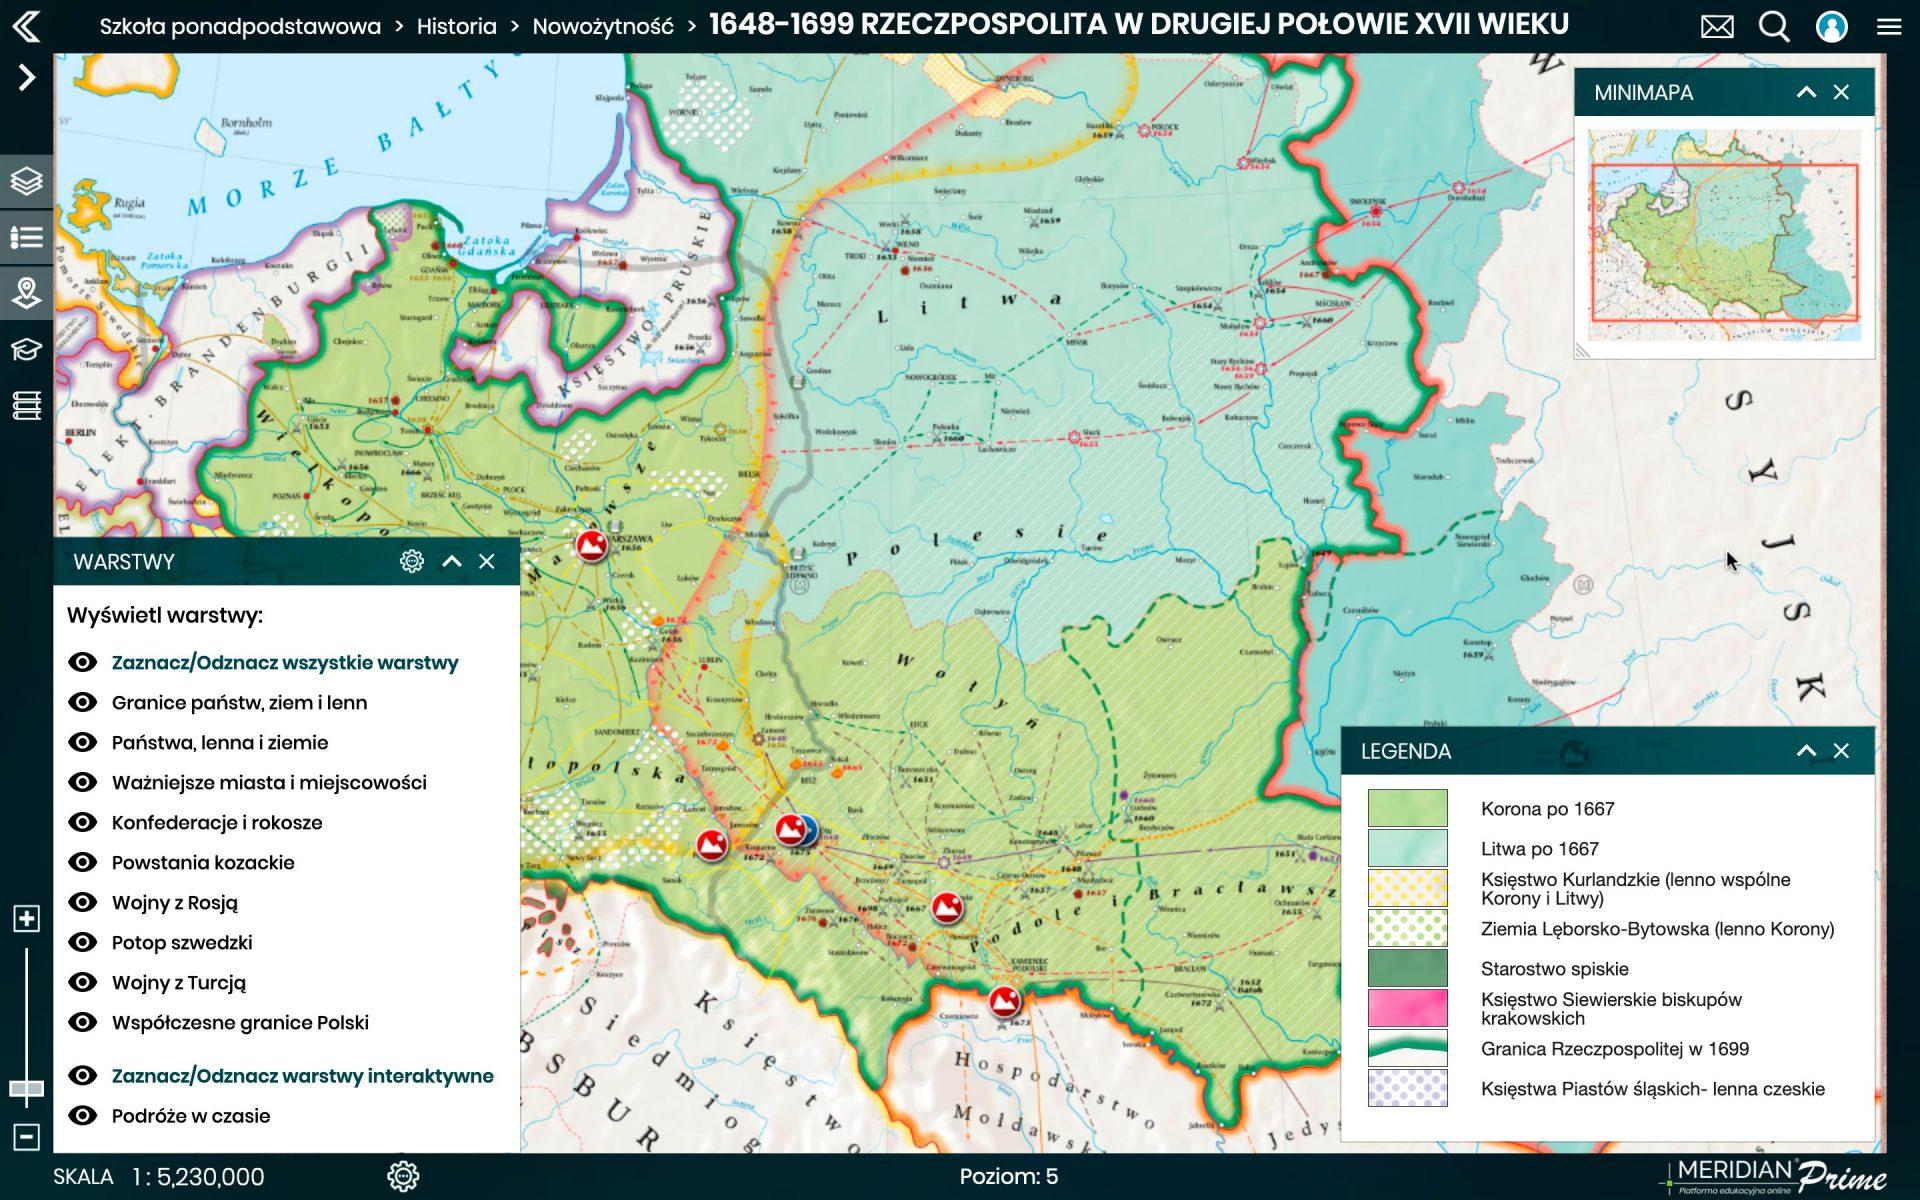 1648 1699 Rzeczpospolita w II pol XVIIw